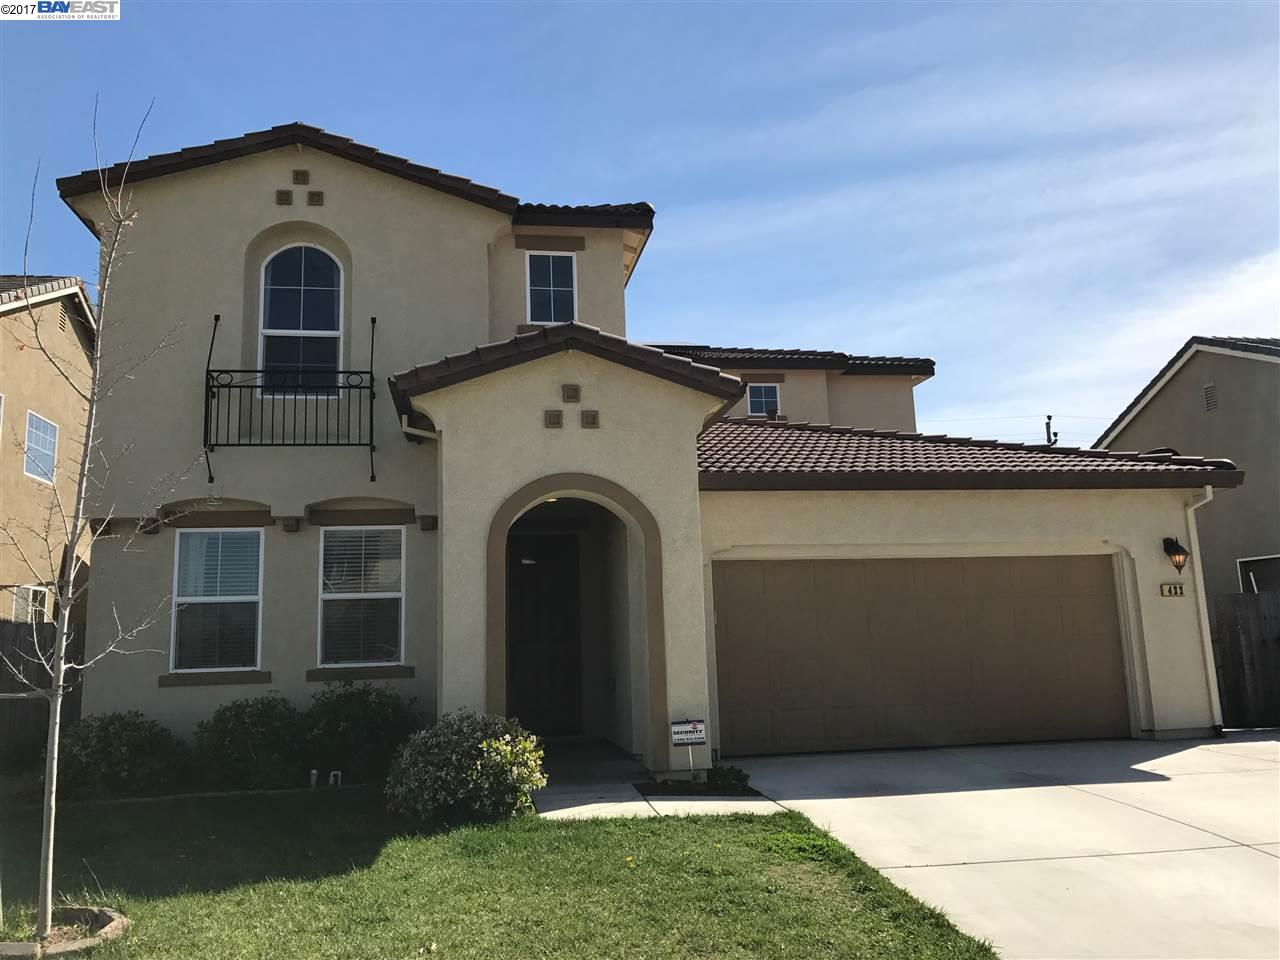 Maison unifamiliale pour l Vente à 422 Monte Oro Street Manteca, Californie 95337 États-Unis